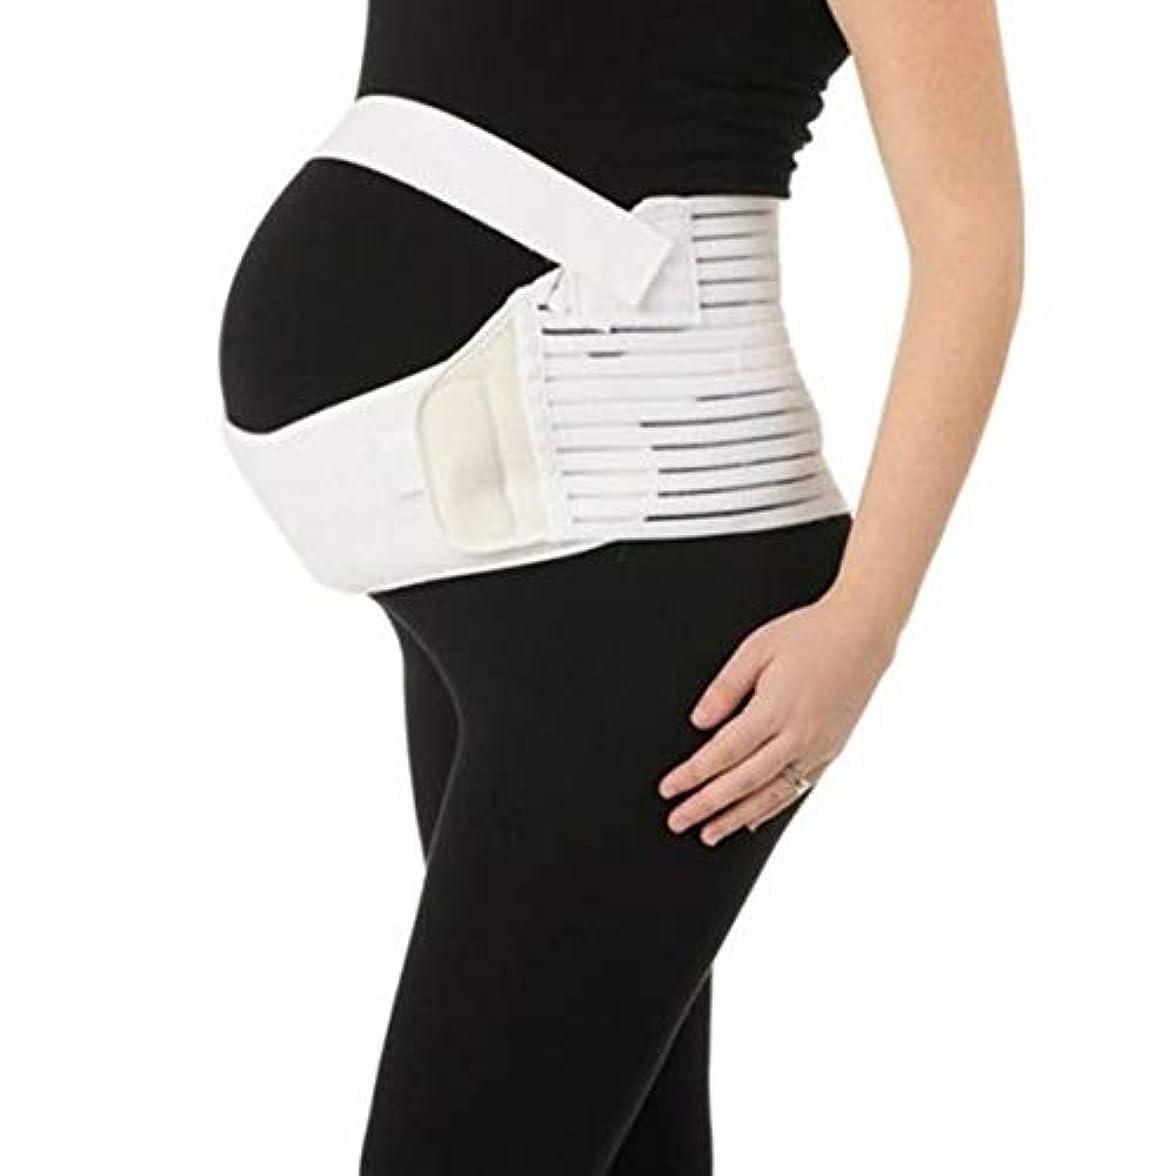 入手します本質的ではない盗難通気性マタニティベルト妊娠腹部サポート腹部バインダーガードル運動包帯産後回復形状ウェア - ホワイトXL